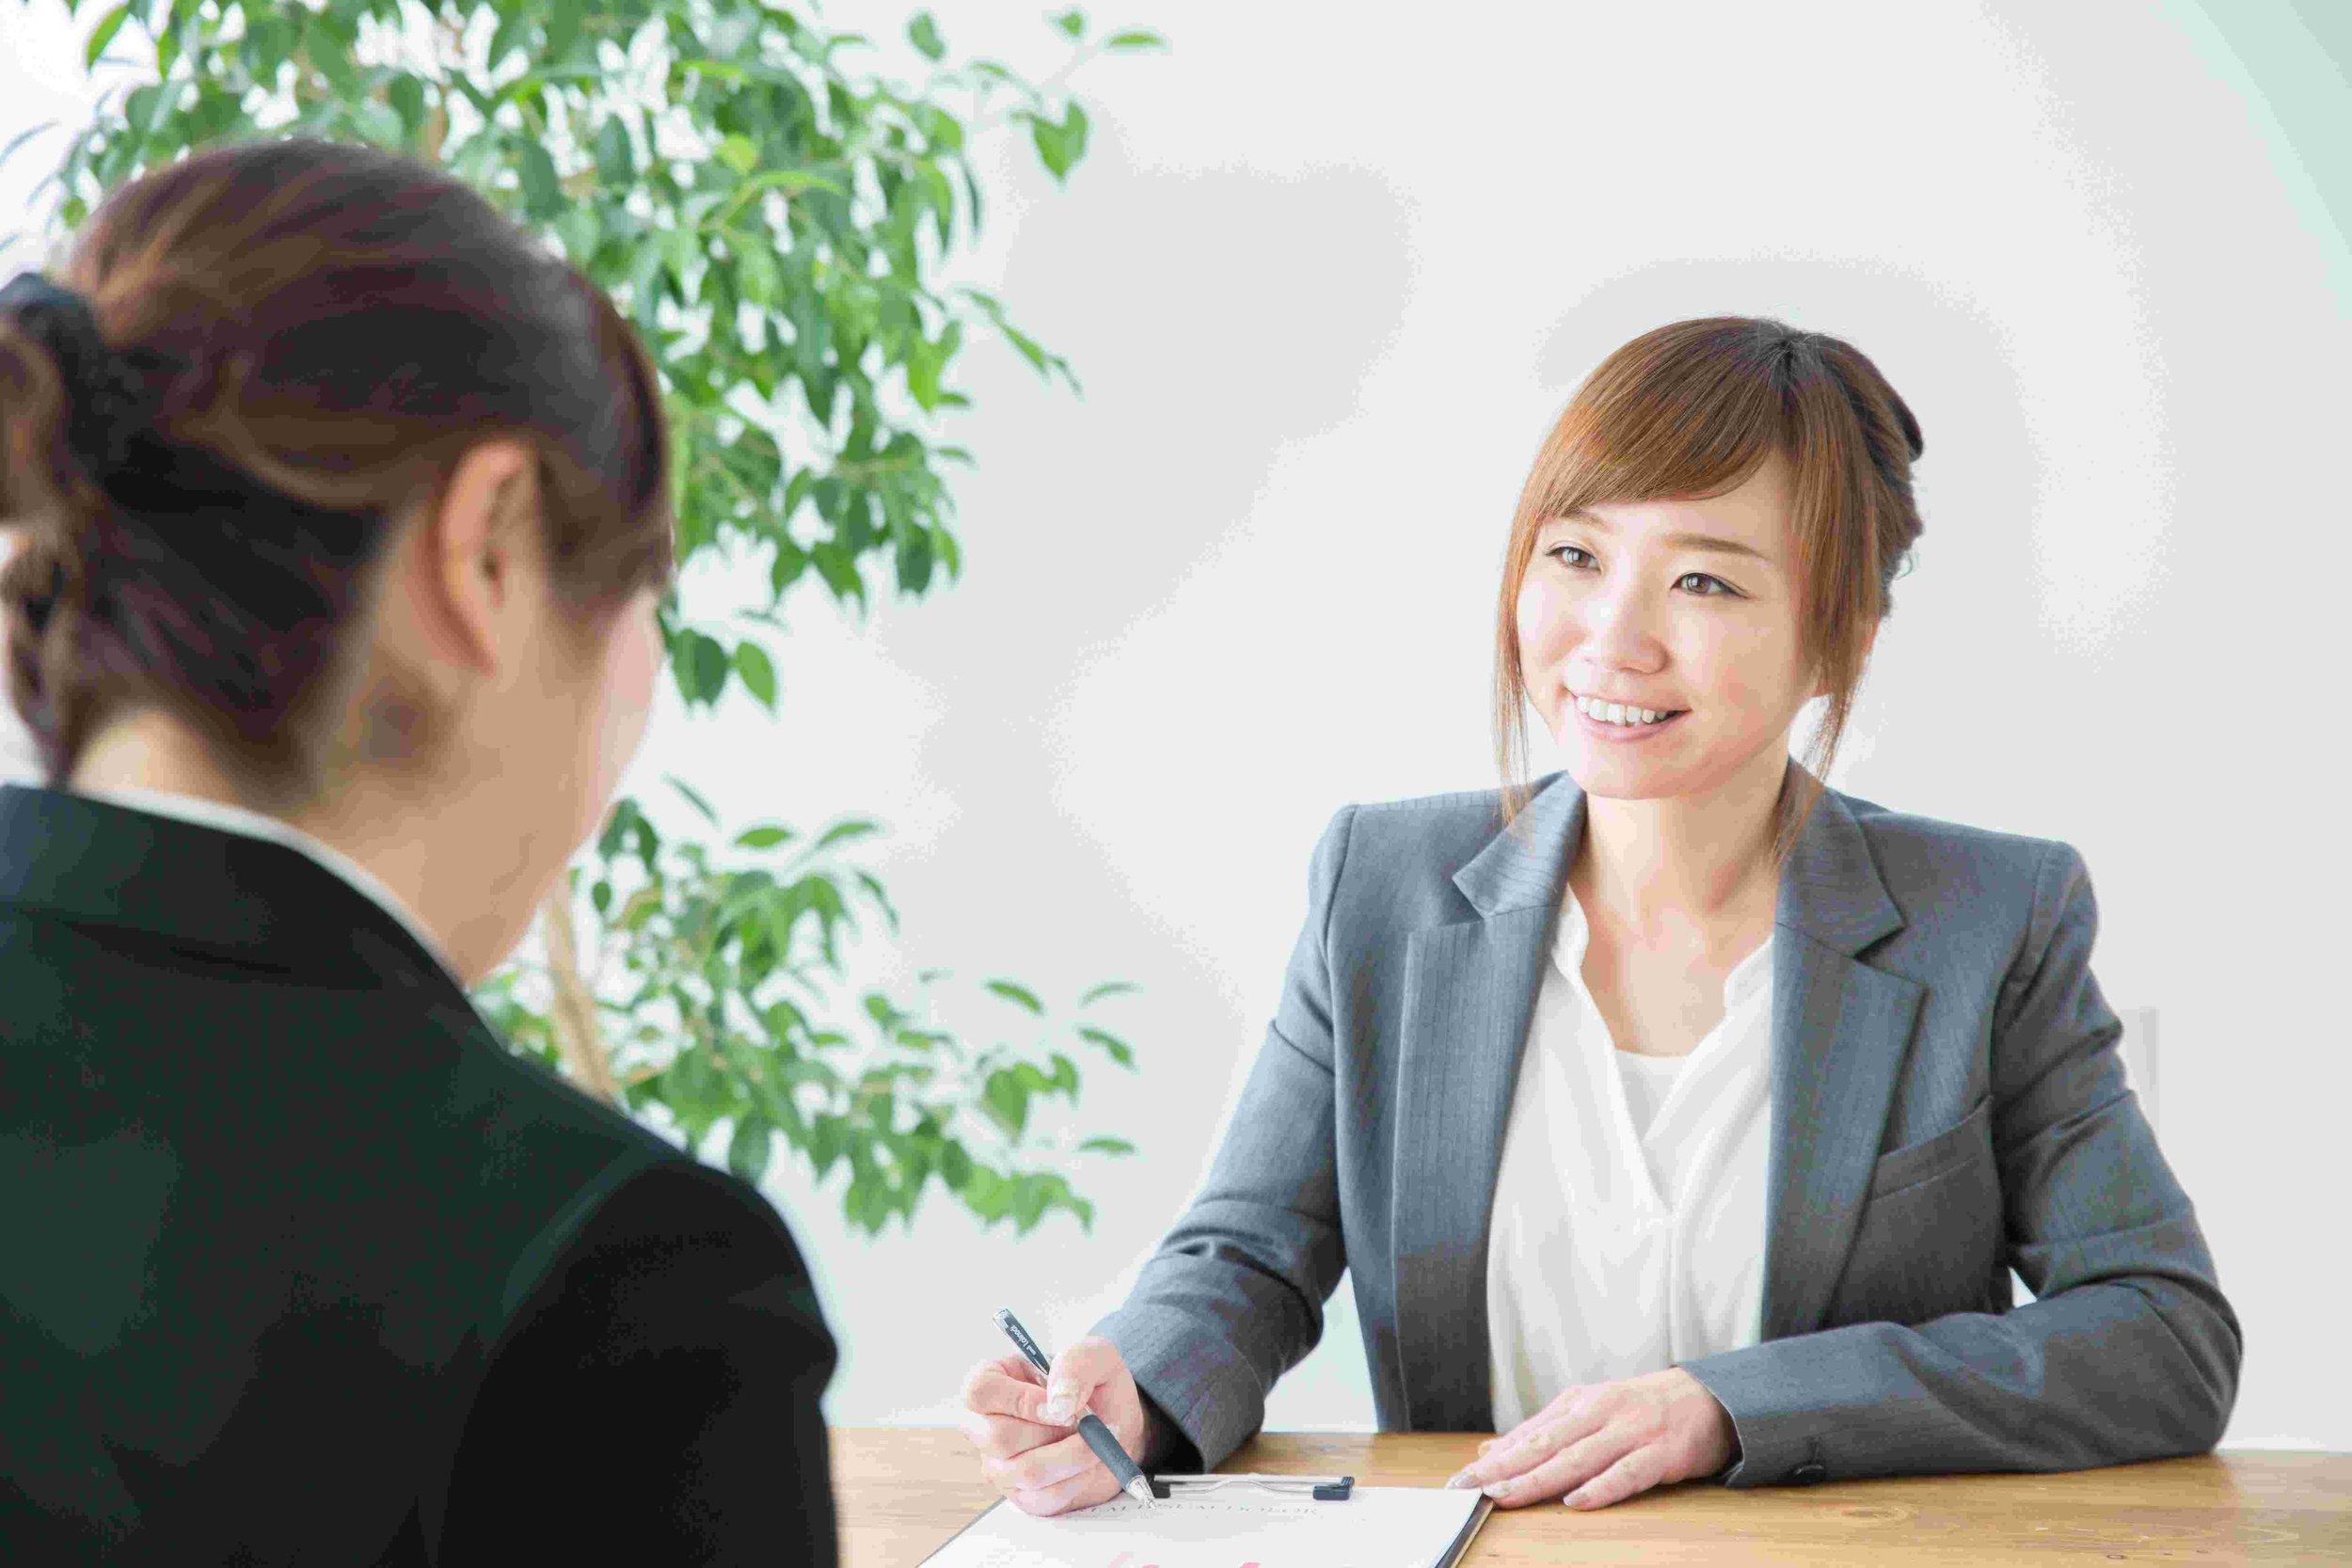 CVs & interviewsSmall.jpg